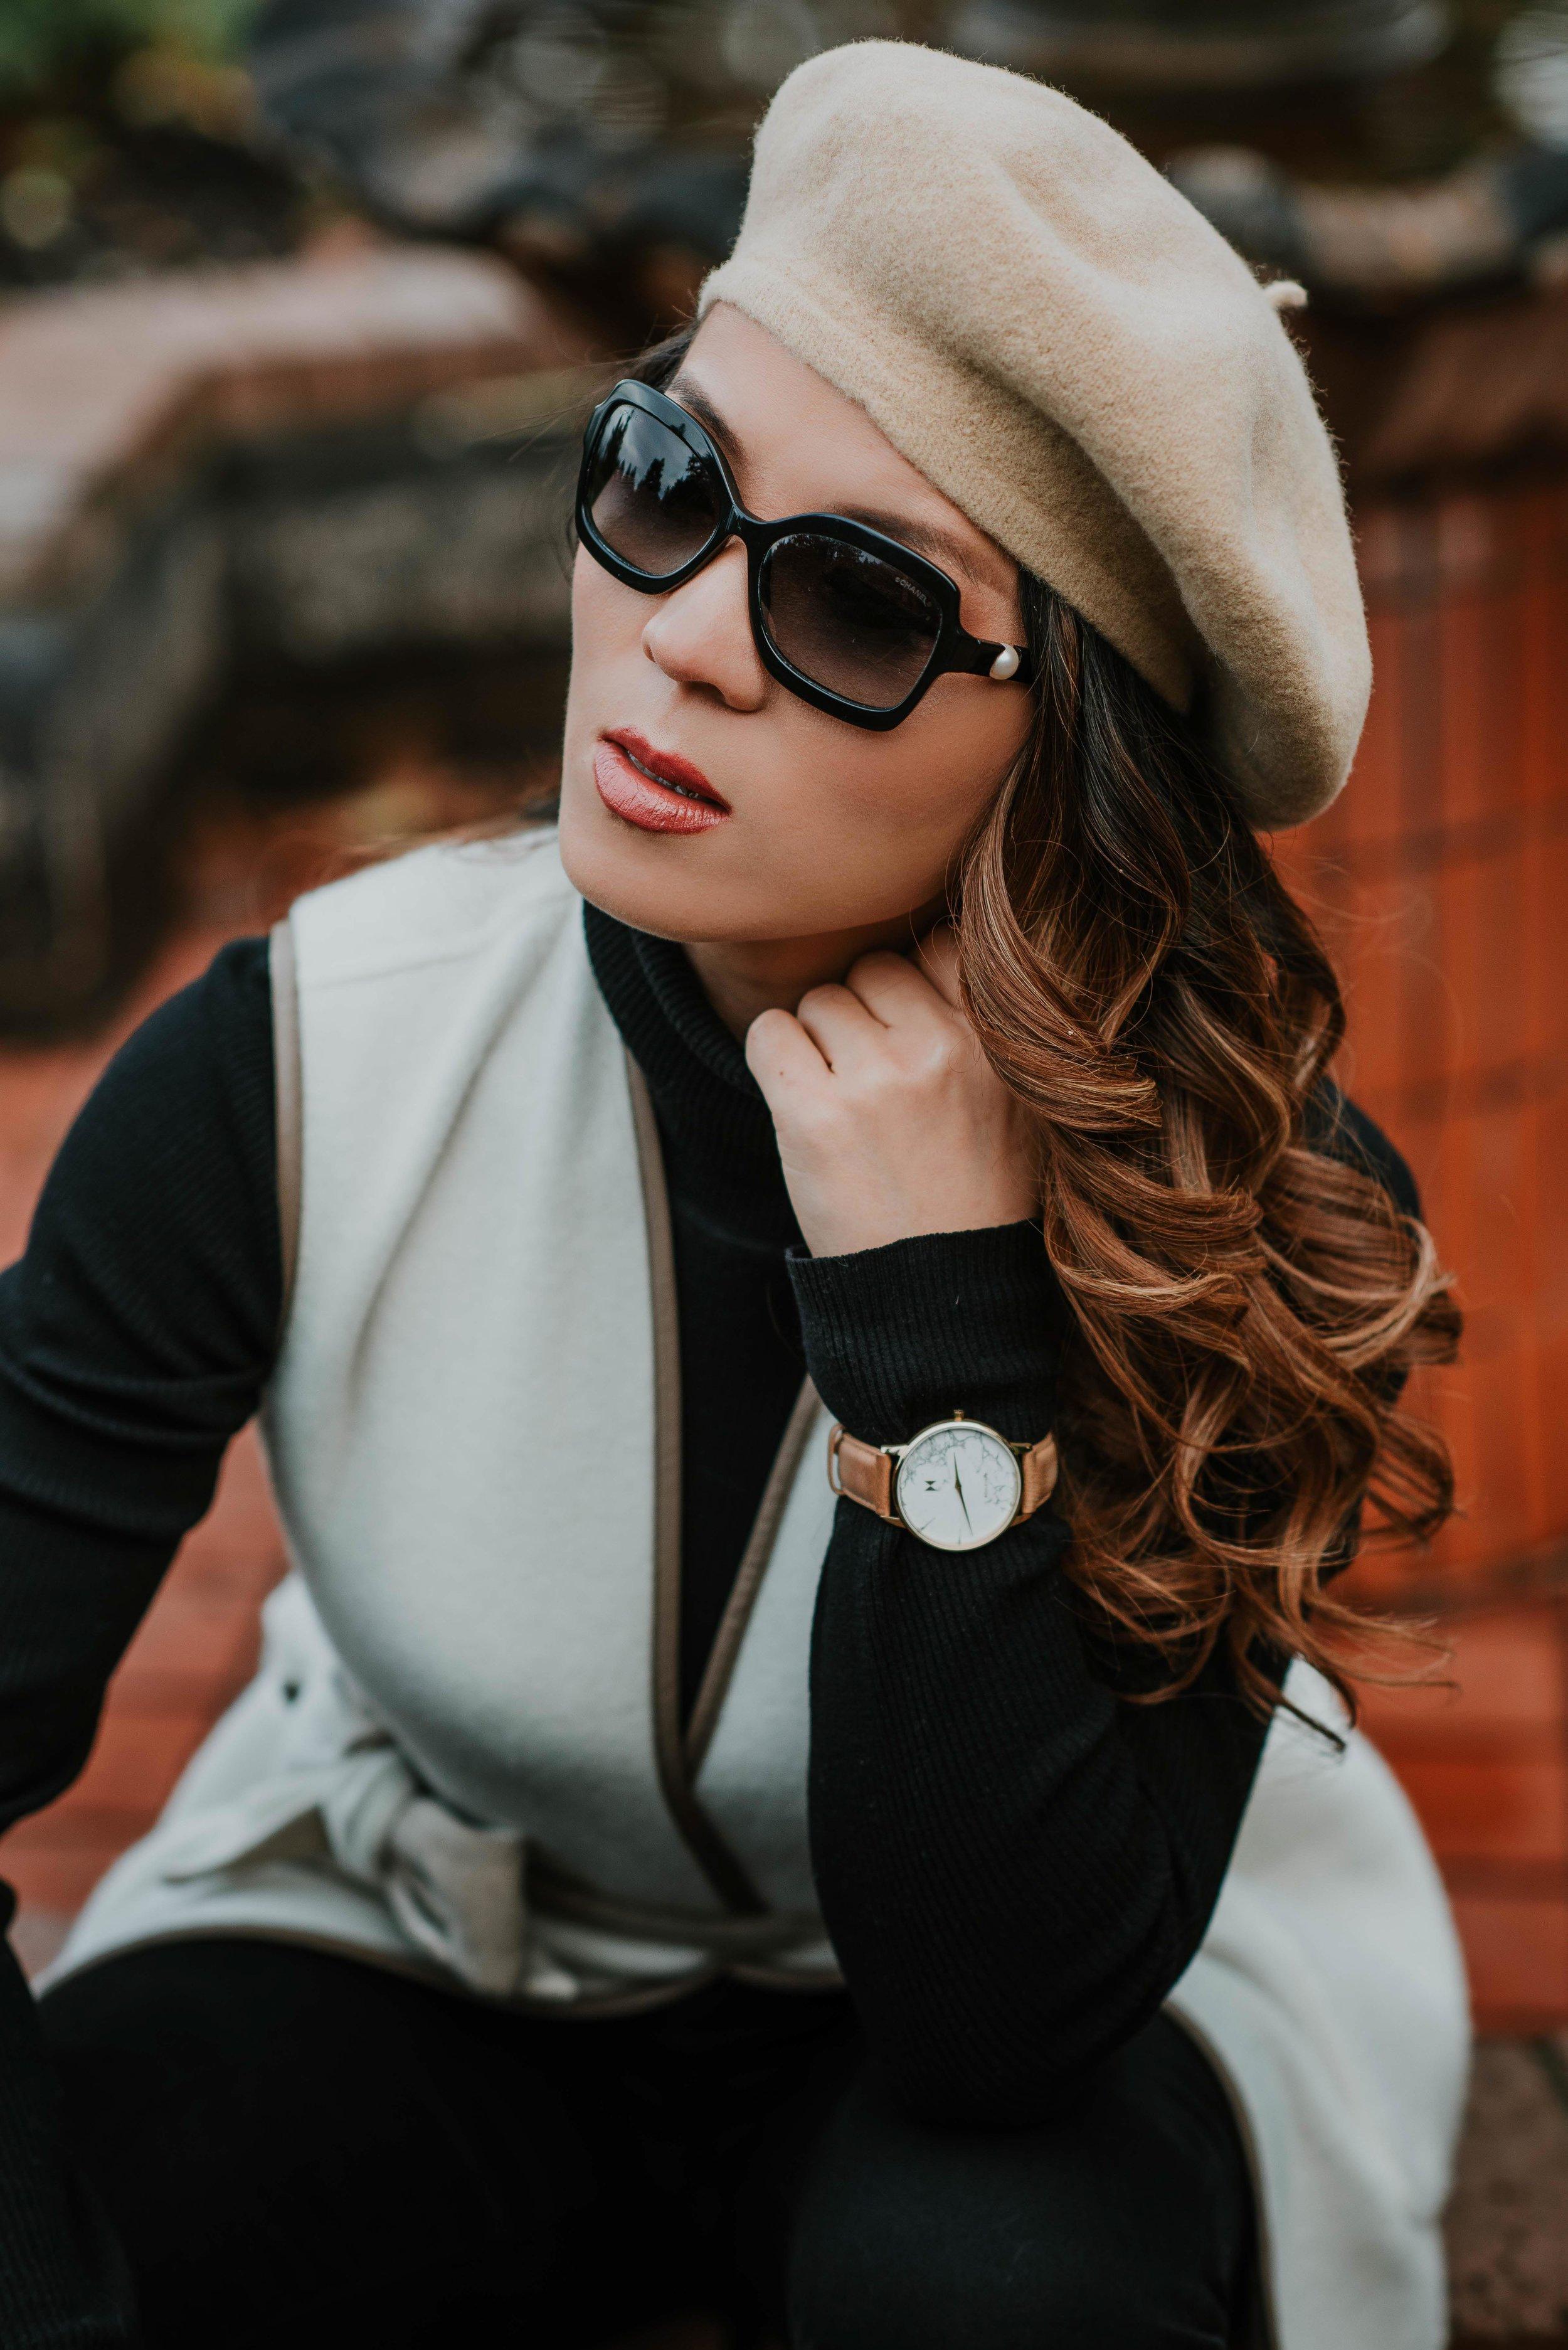 Maxmara-vest-with-baret-hat-look-5961.jpg